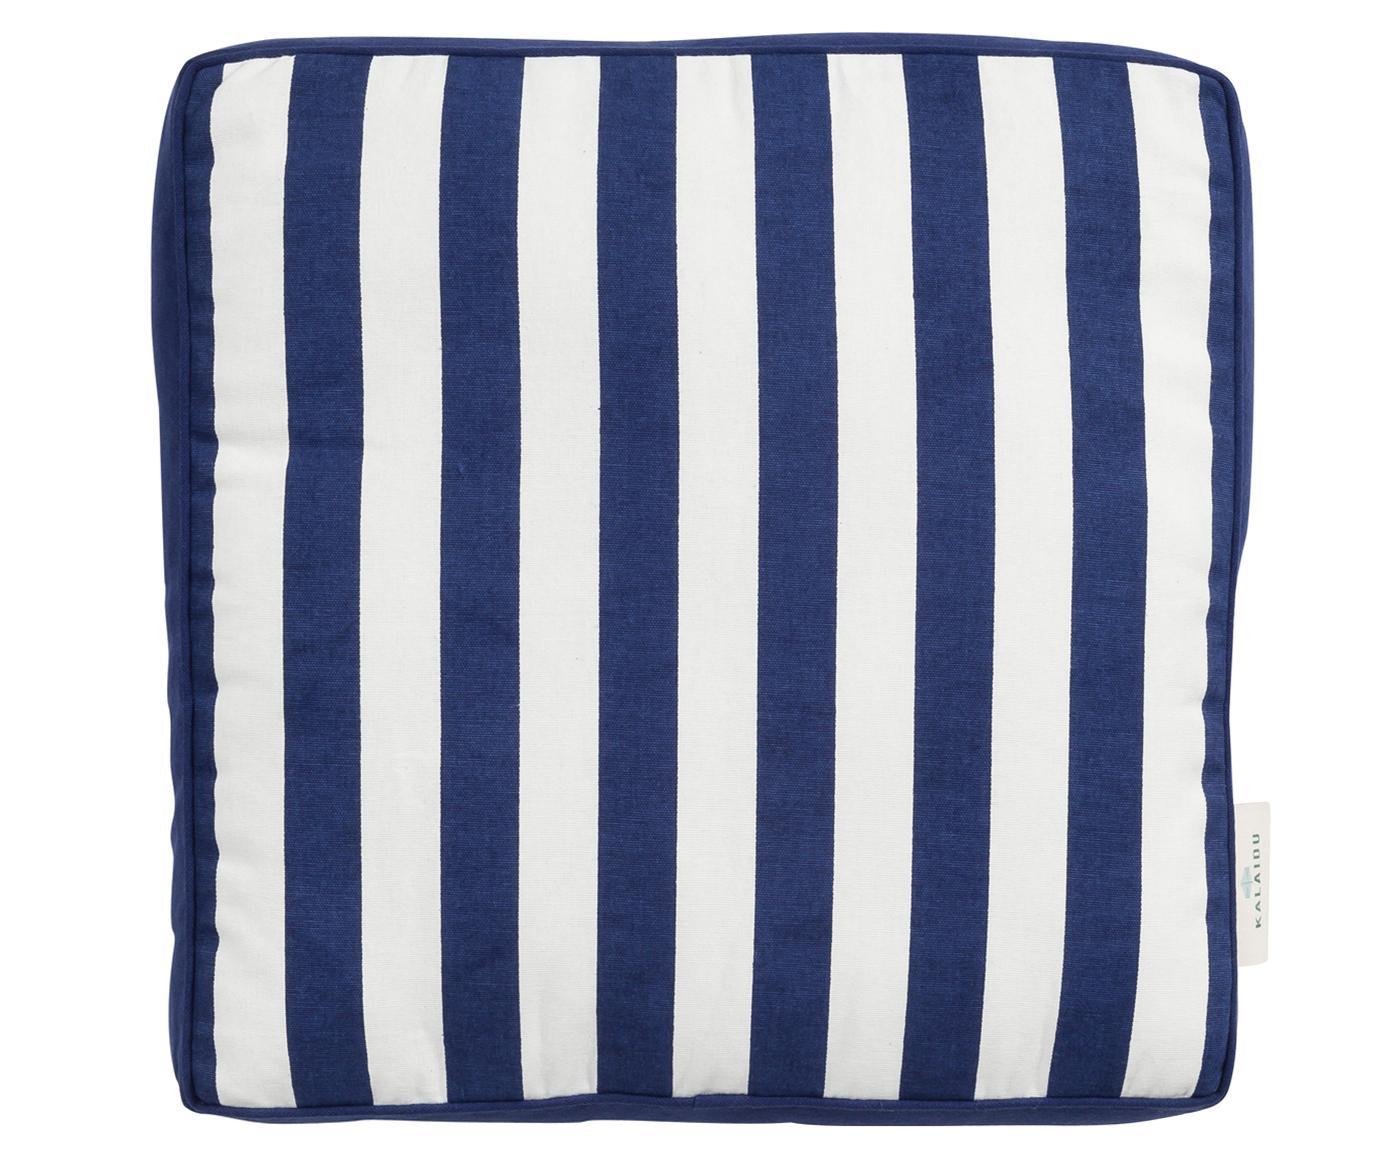 Cuscino sedia Mason, 100% cotone, Blu marino, bianco crema, P 45 x L 45 cm